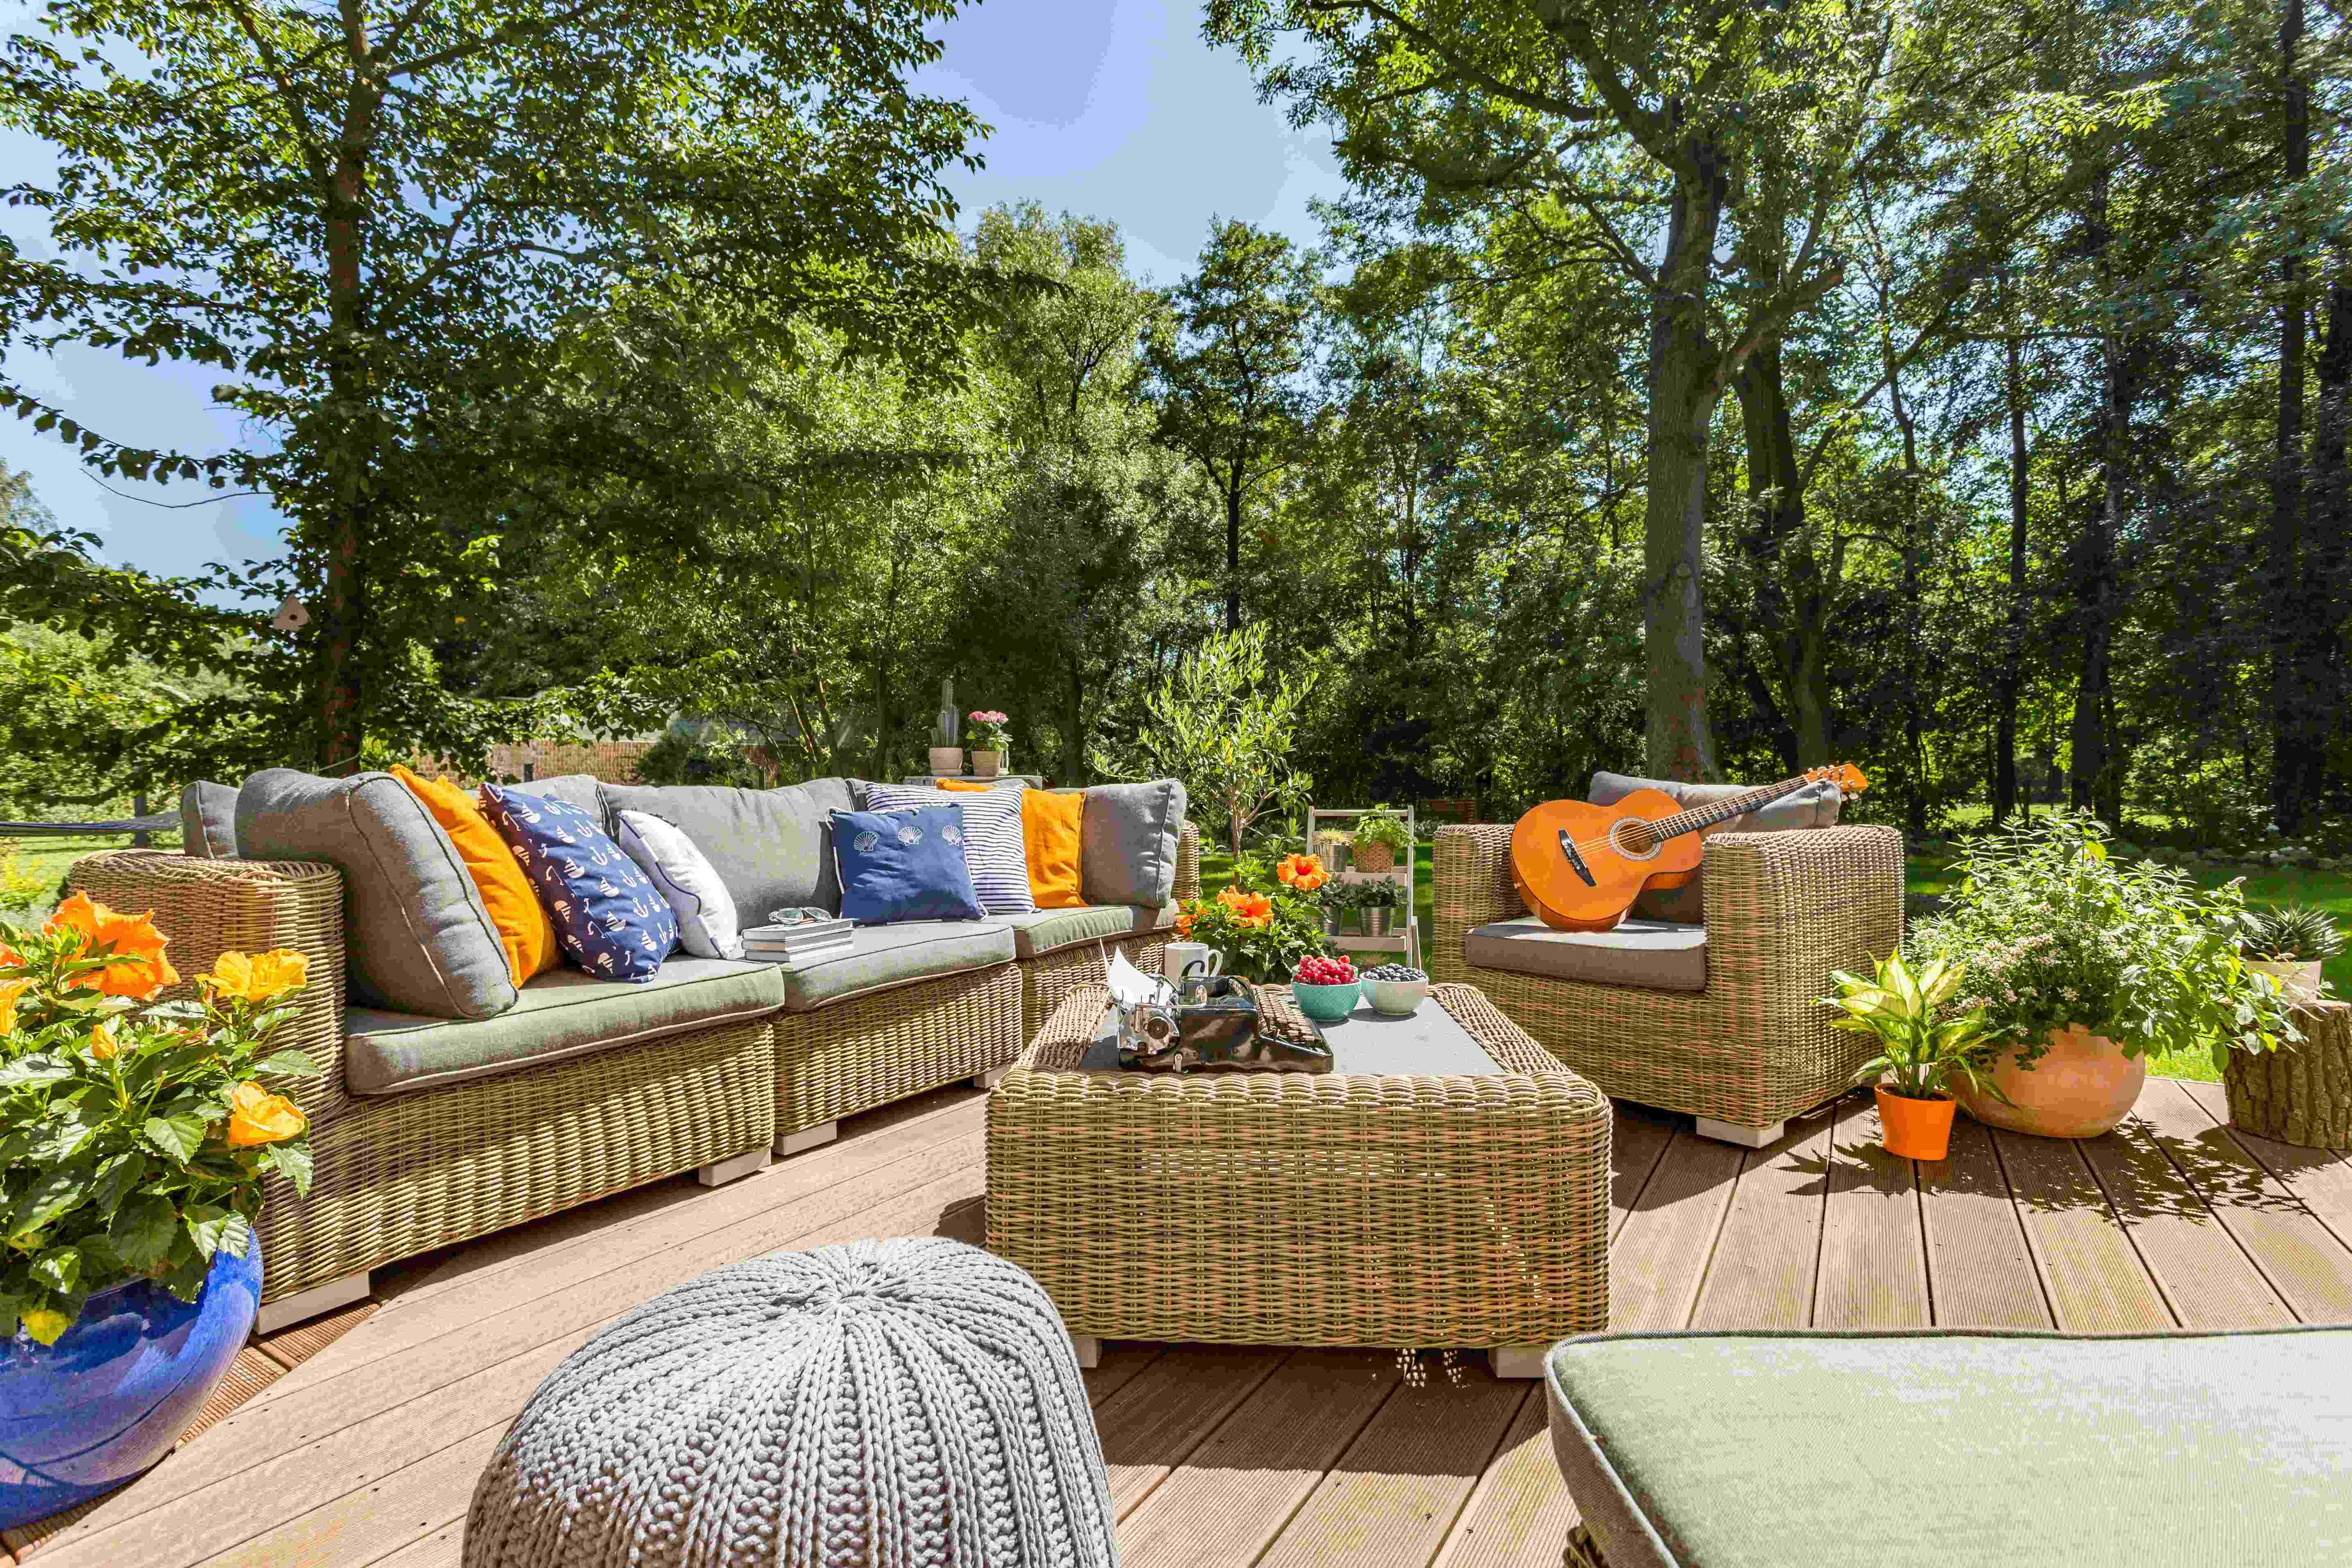 Gartengestaltung: Ideen für Möbel, Deko und Pflanzen